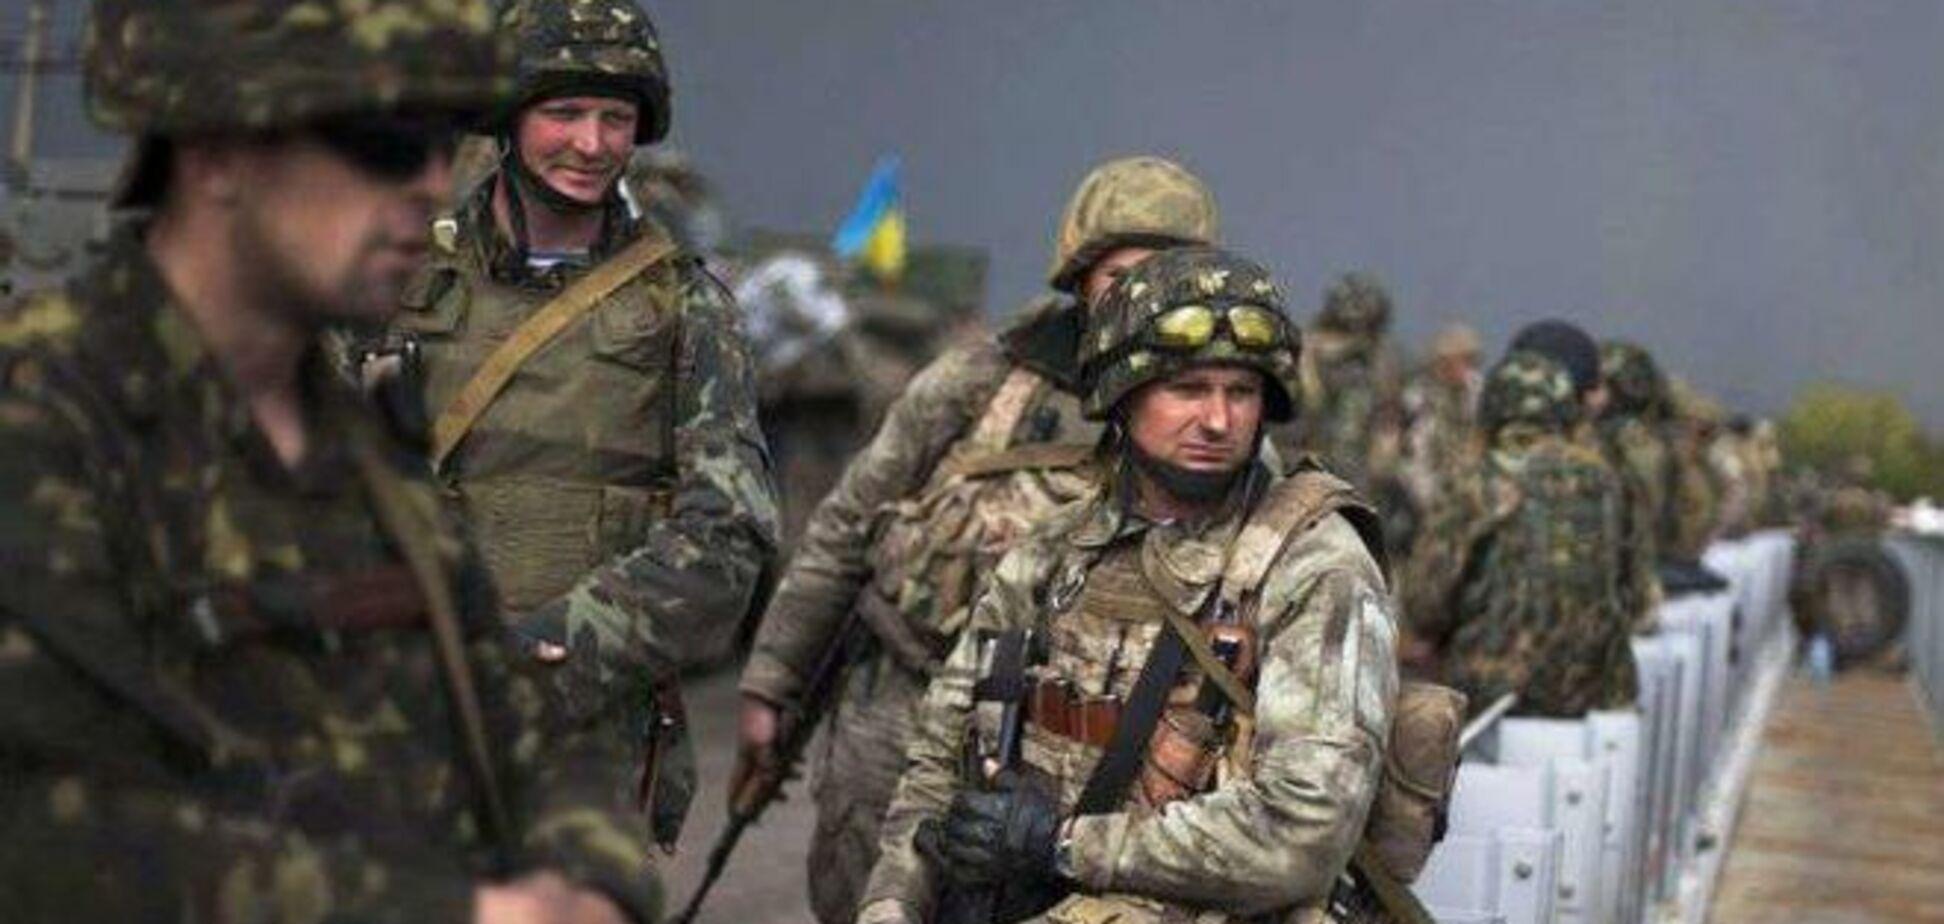 Бойцы АТО получили первые премии за уничтоженную технику террористов